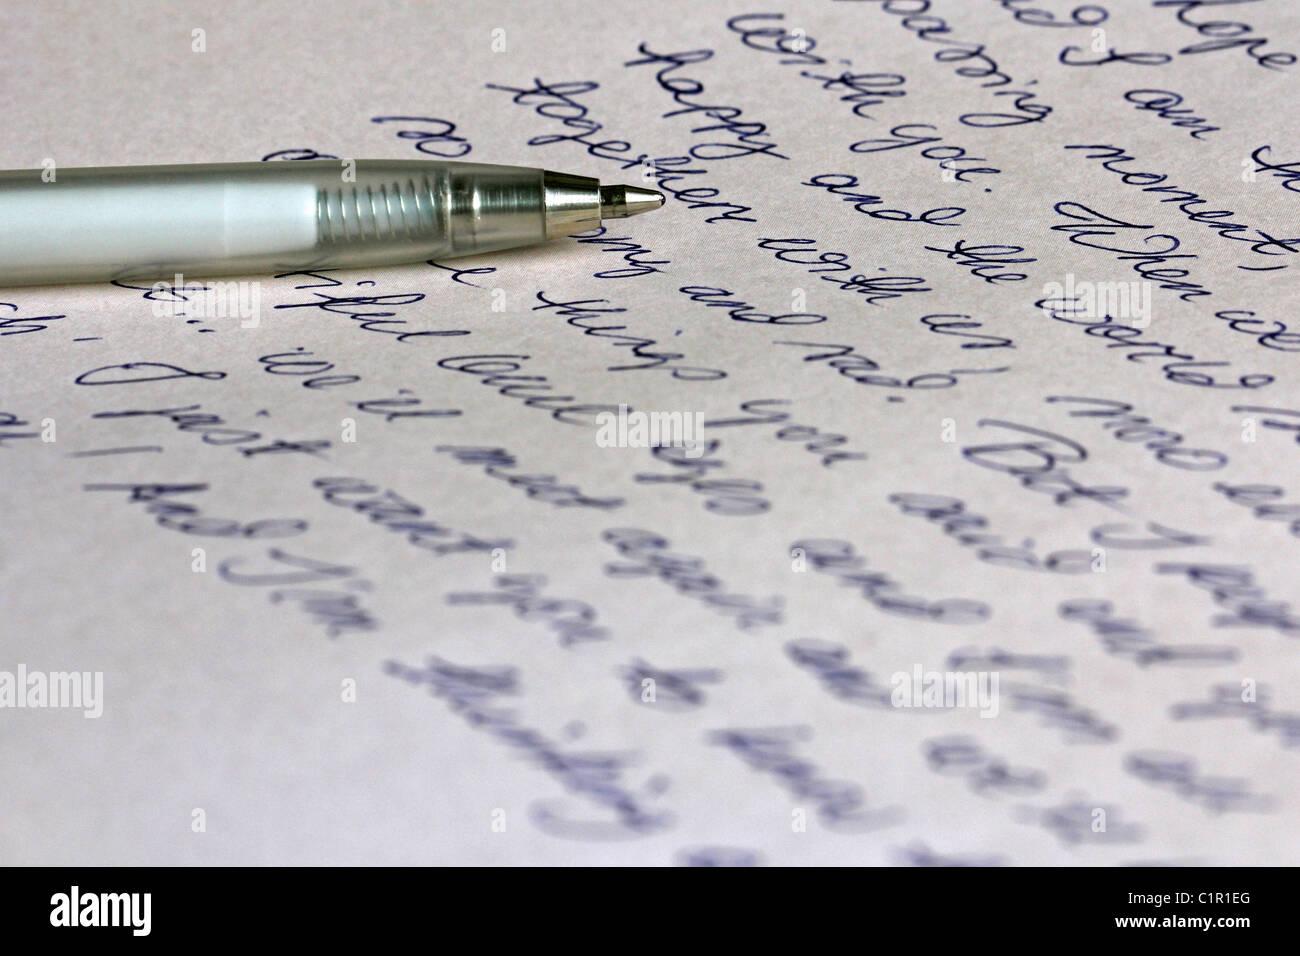 Manoscritte Lettera d'amore e penna Immagini Stock